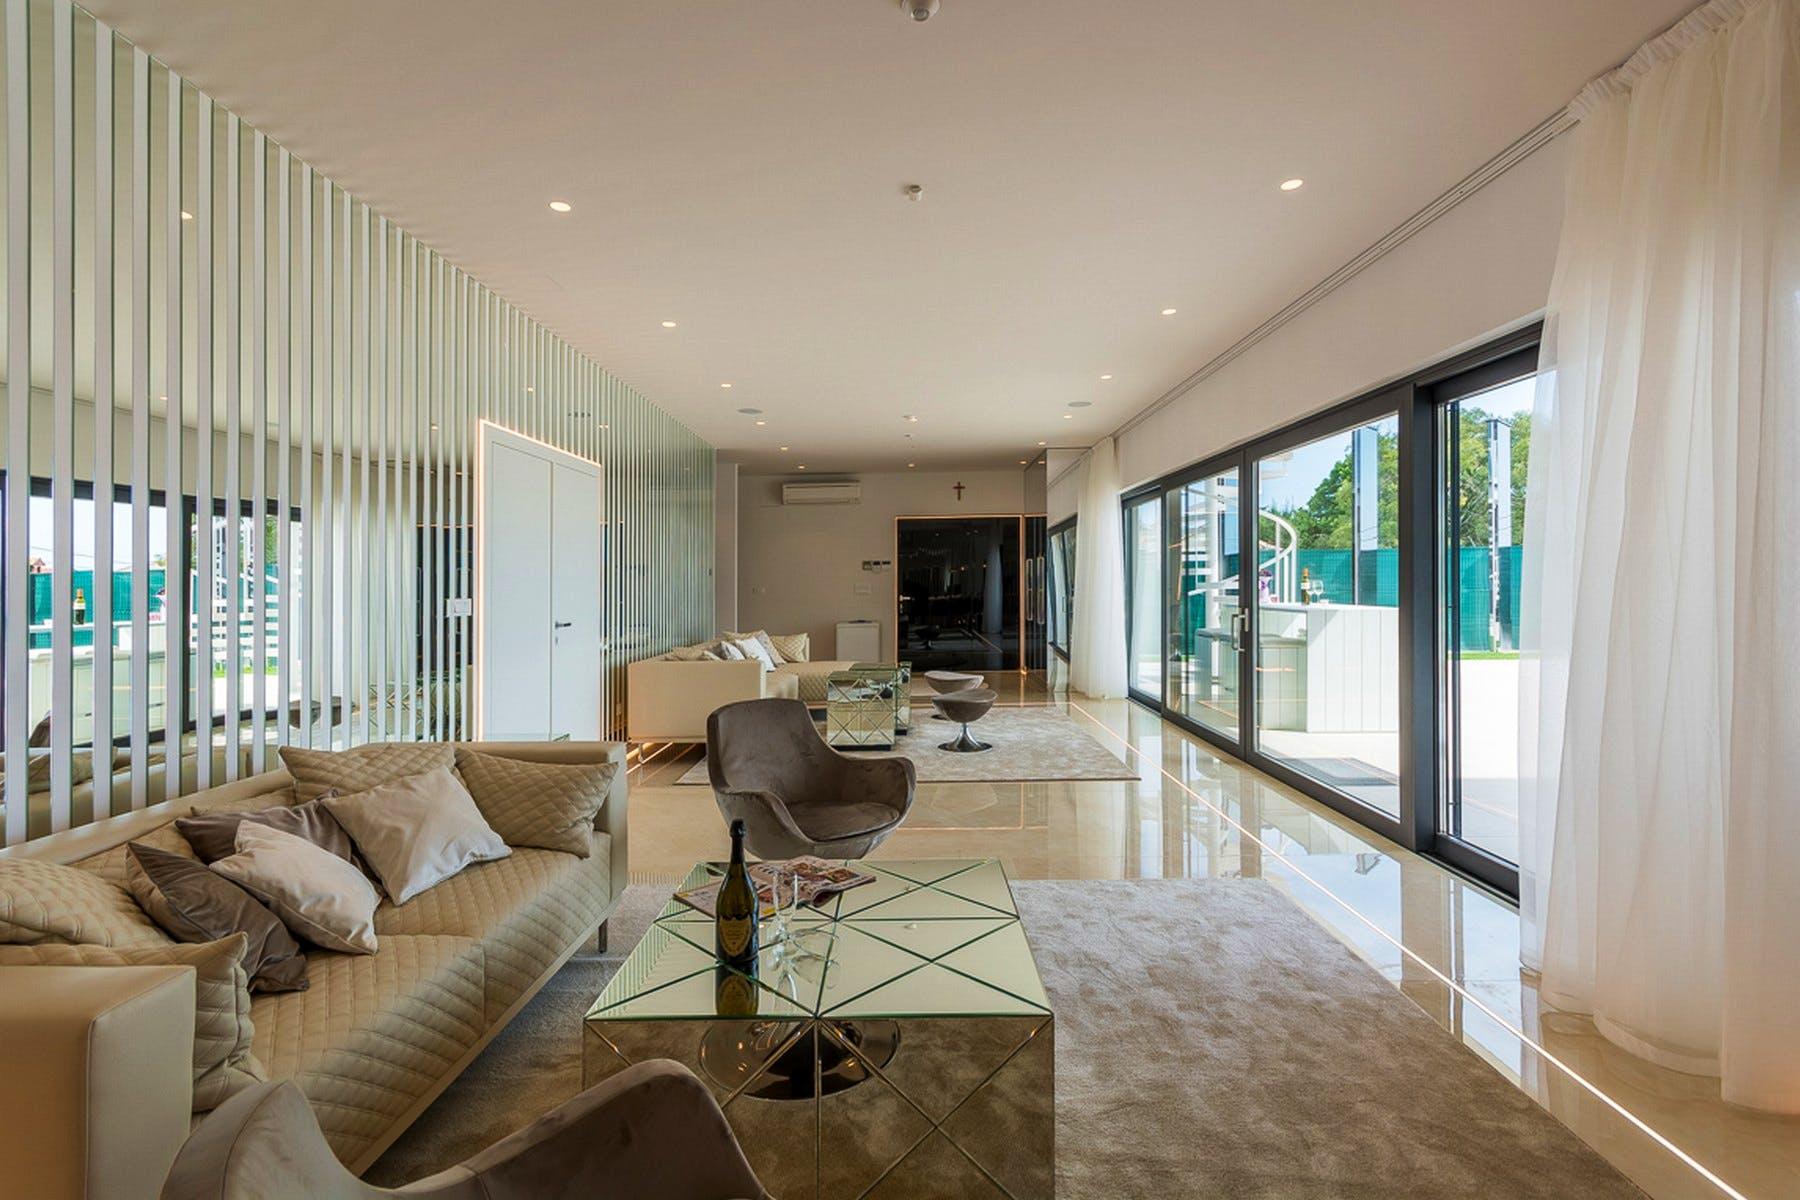 Glamurozna dnevna soba s udobnim sofama